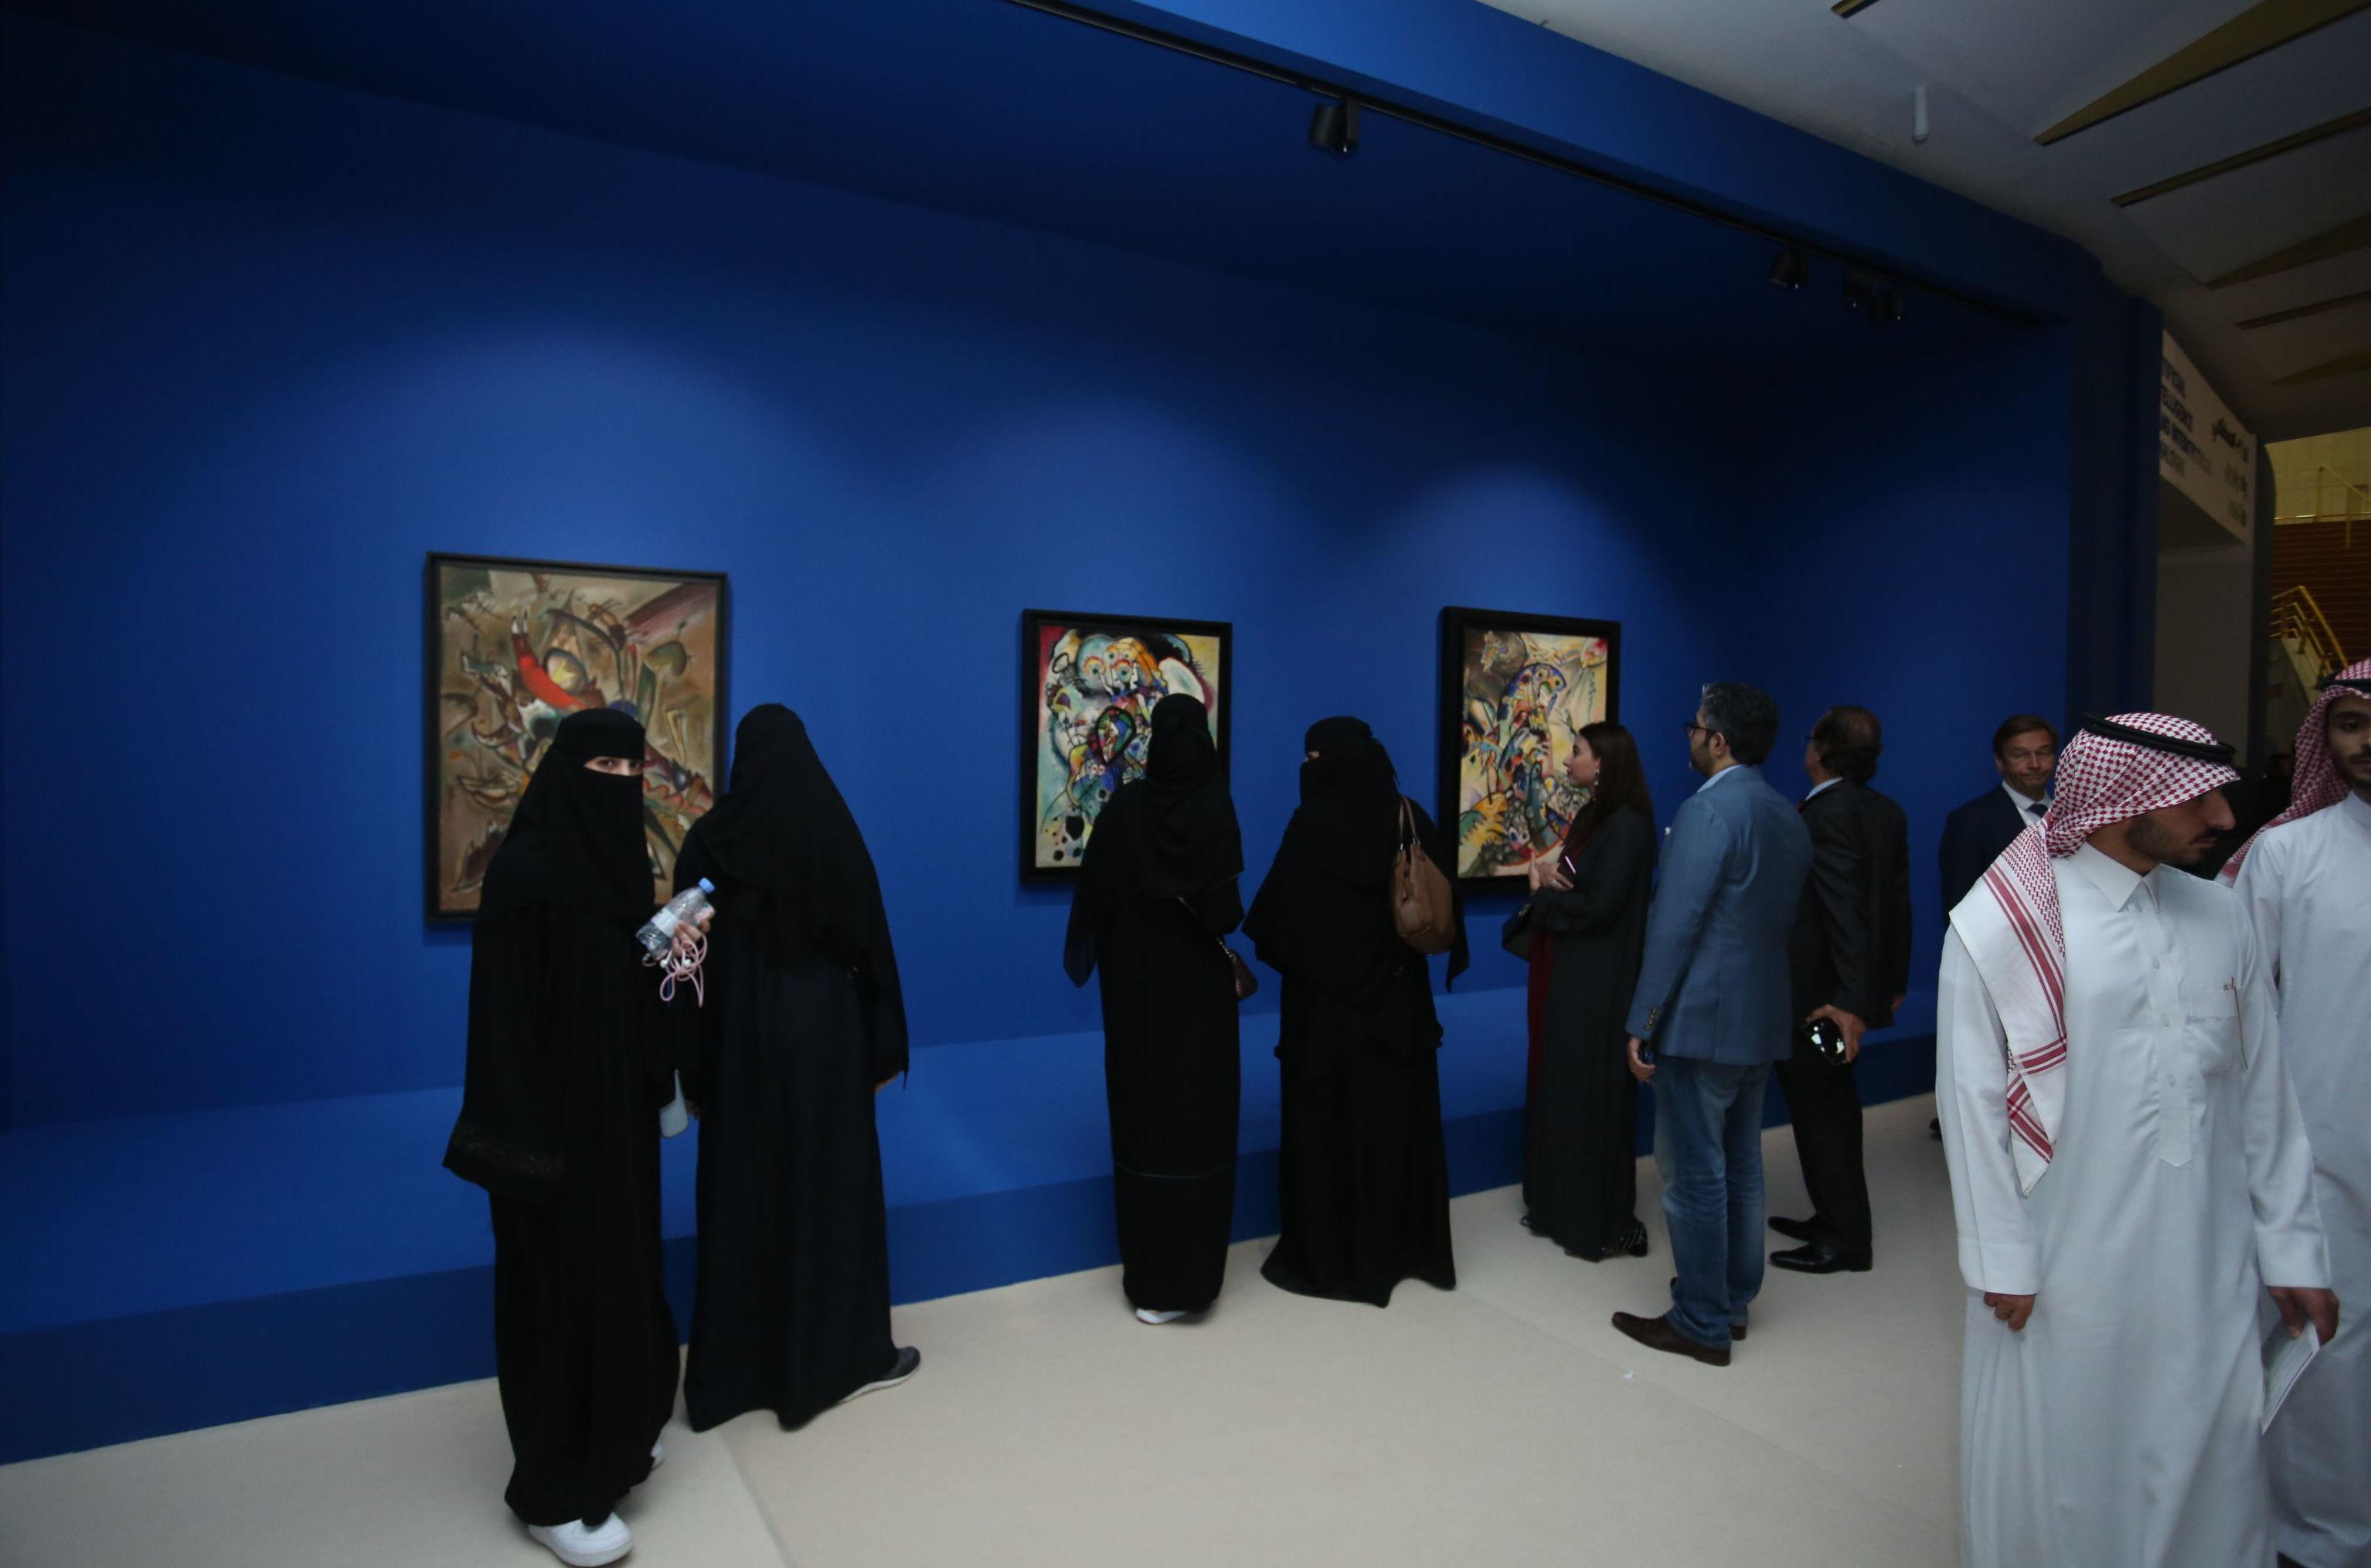 Best of Kandinsky's artwork